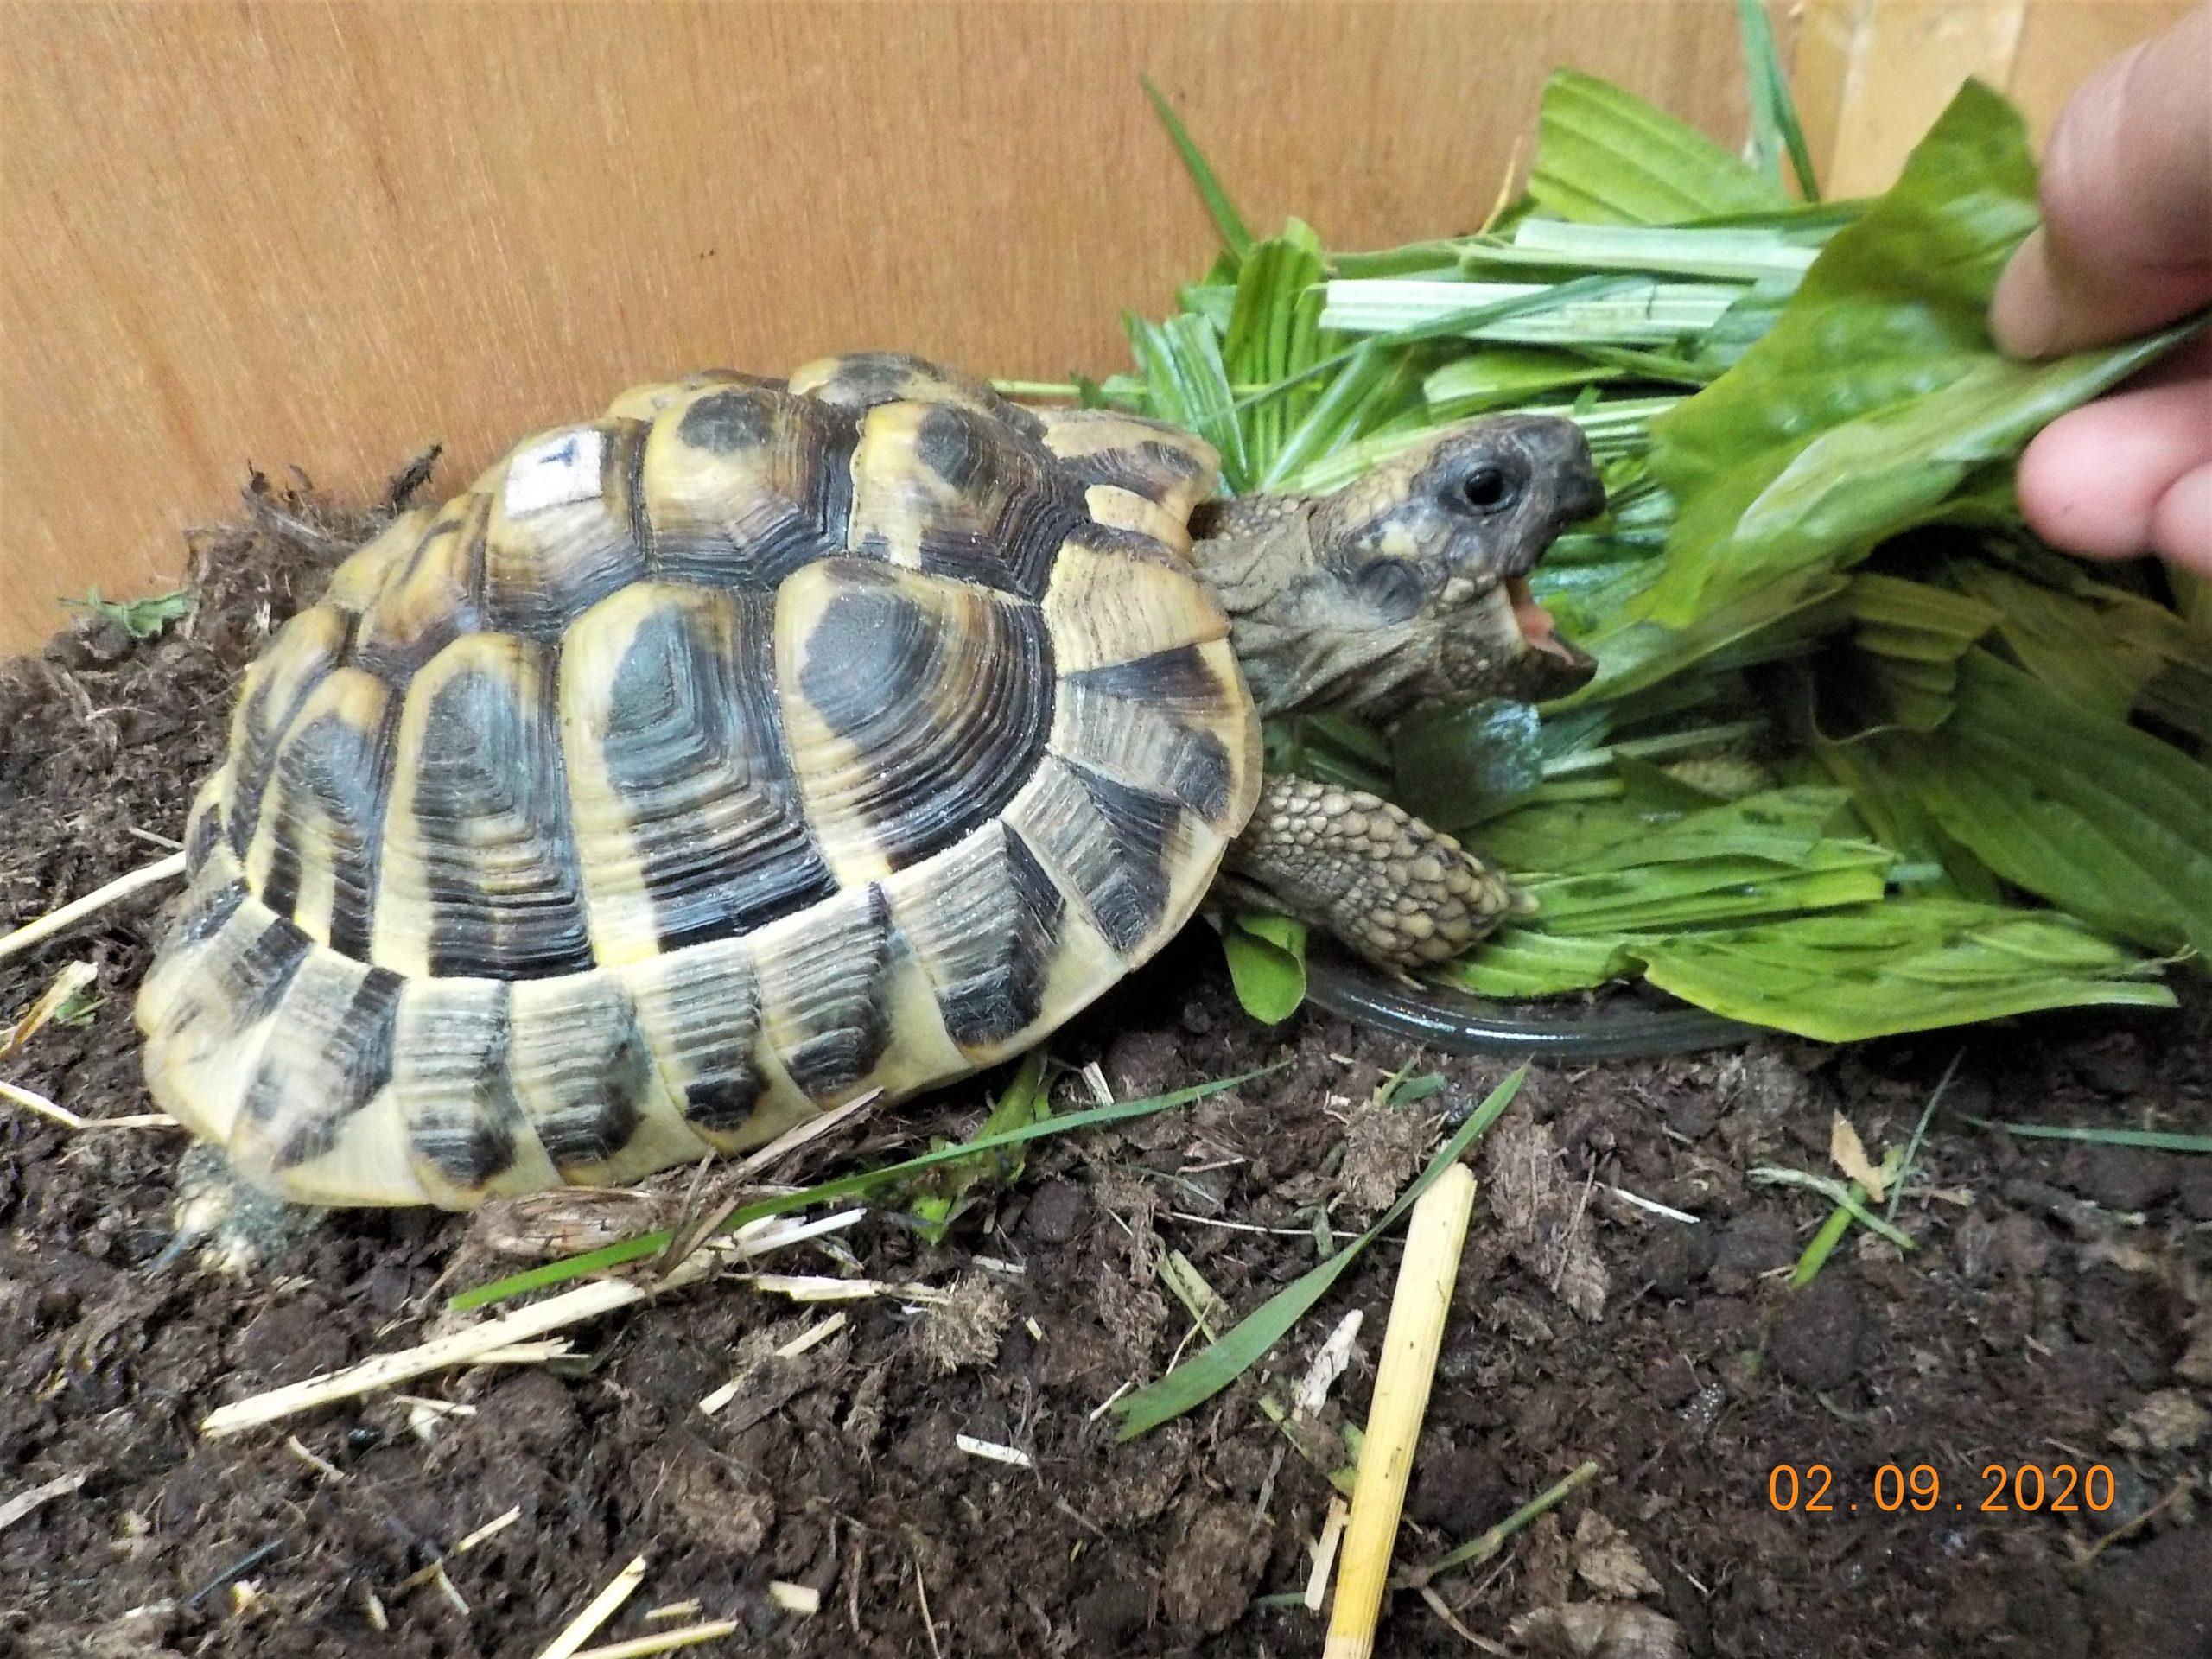 Meine lieblings Griechische Landschildkröte frisst aus meiner Hand